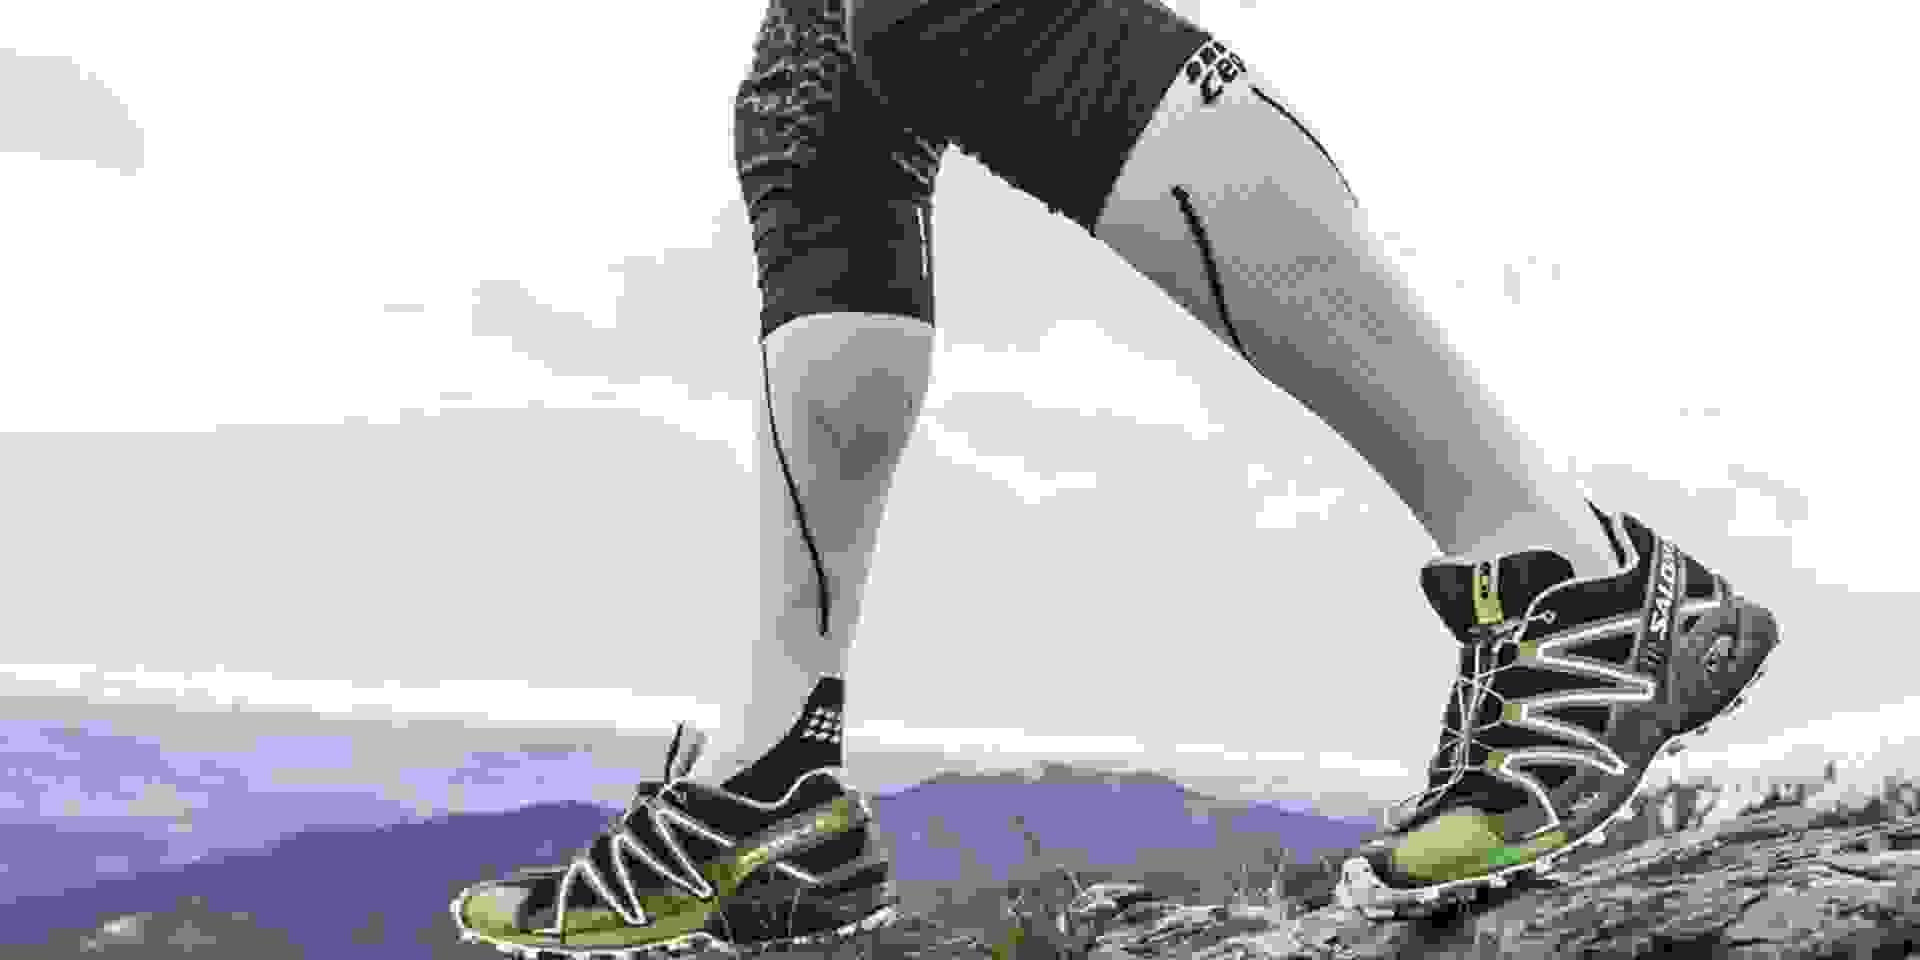 Ein Trailrunner mit weißen Kompressionssocken läuft einen Bergpfad hinauf.